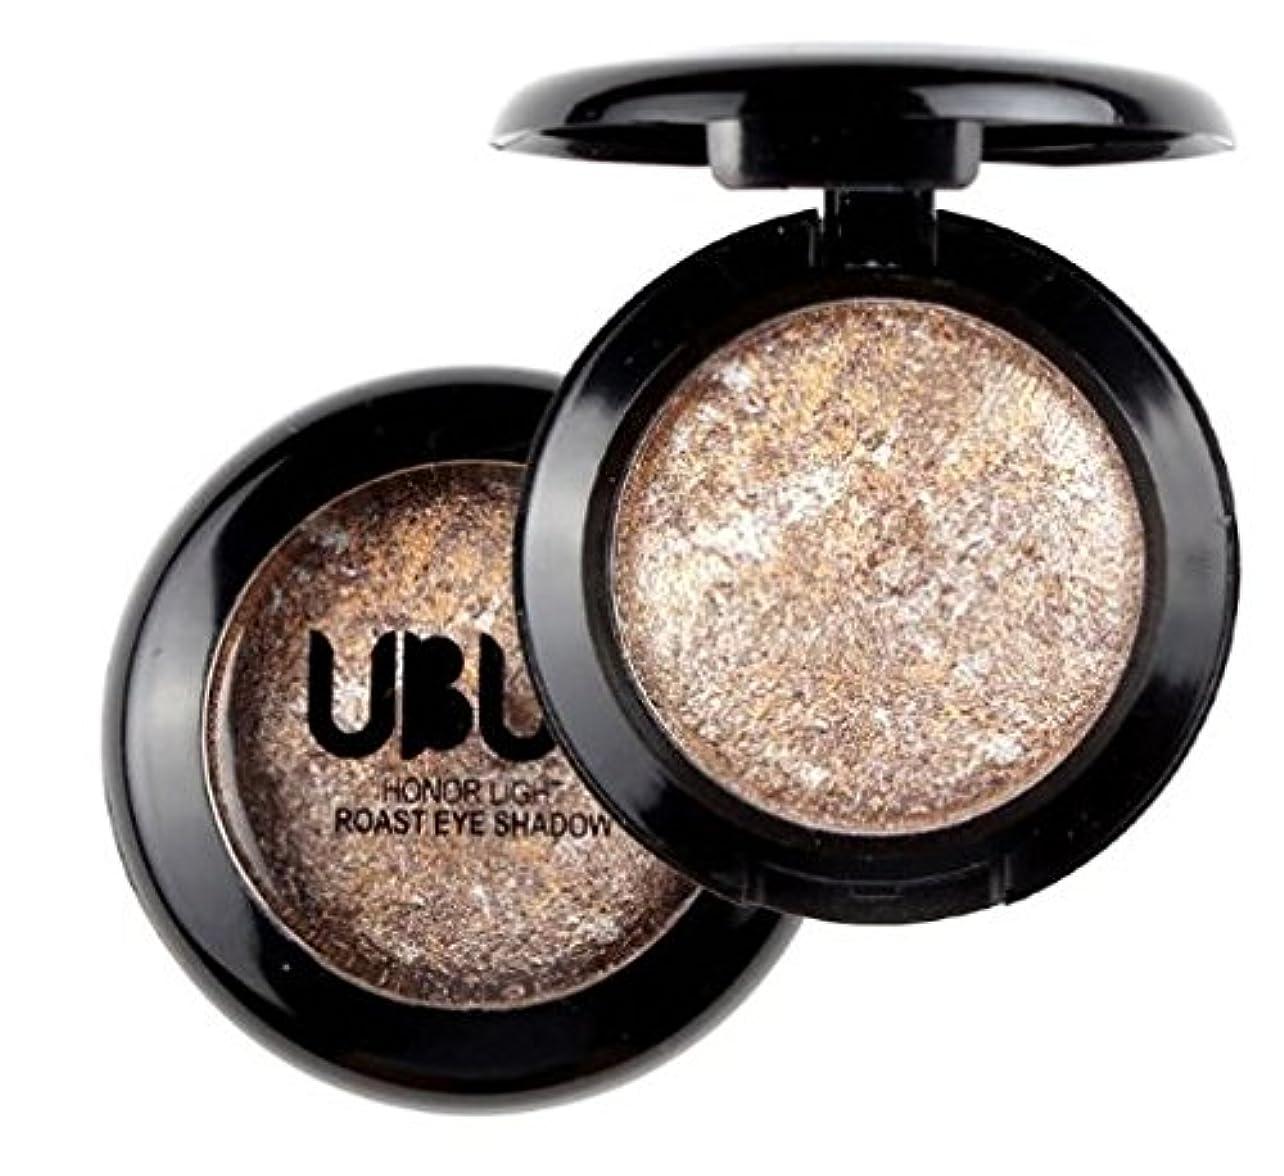 思いやりハンサム熱Brown 1pcs Lady Beauty Single Baked Eye Shadow Powder Palette Eyeshadow Palette